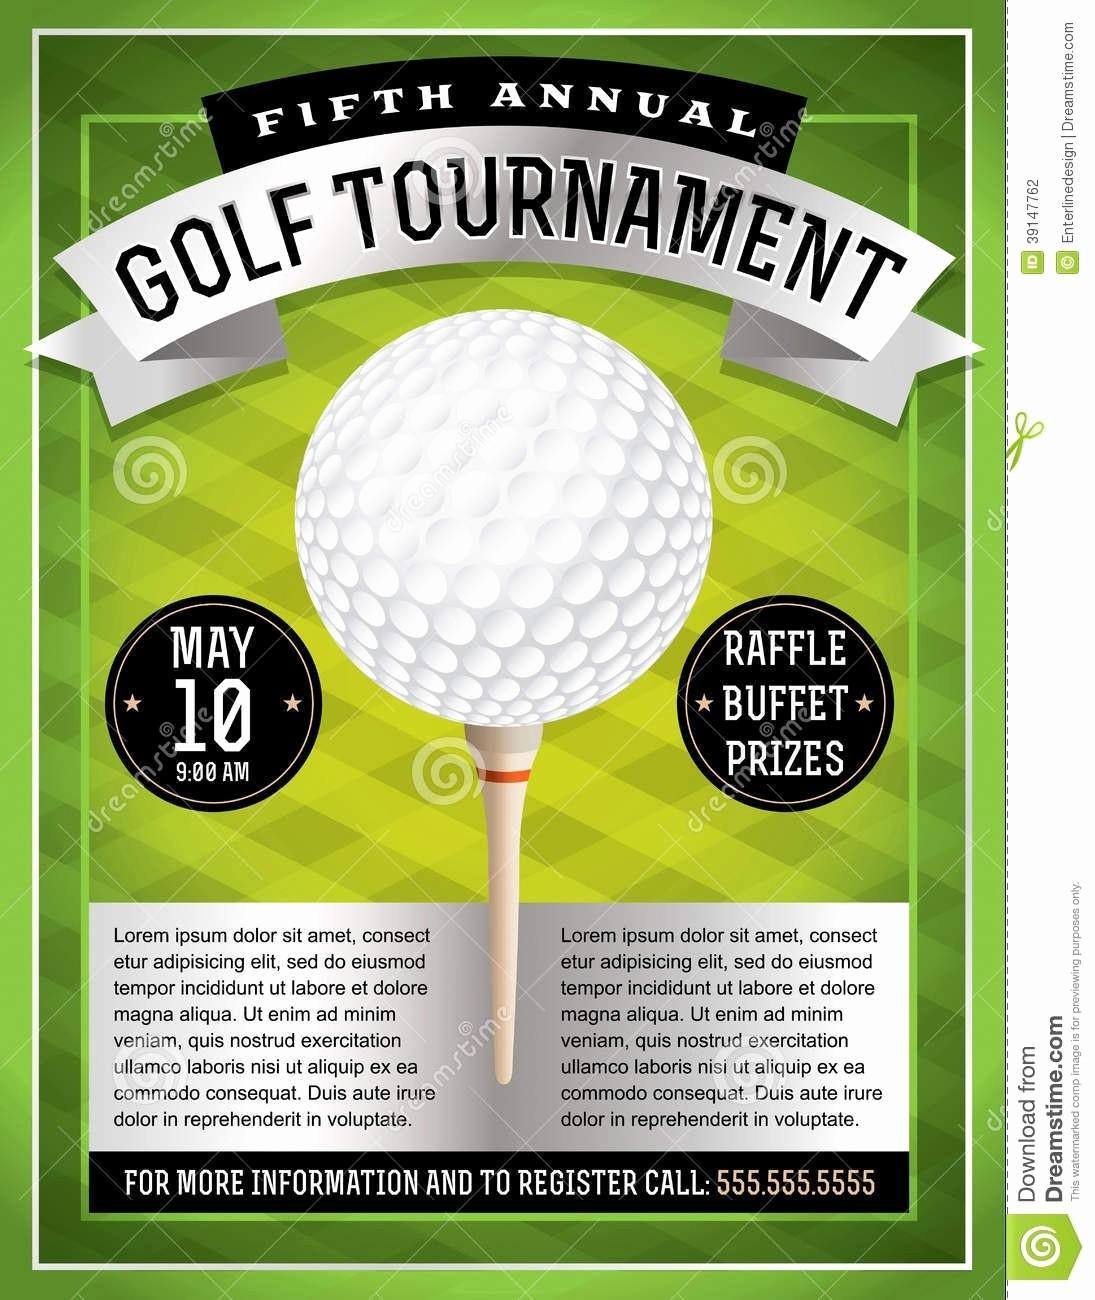 Golf tournament Flyer Template Word Inspirational Golf tournament Flyer Template Beepmunk